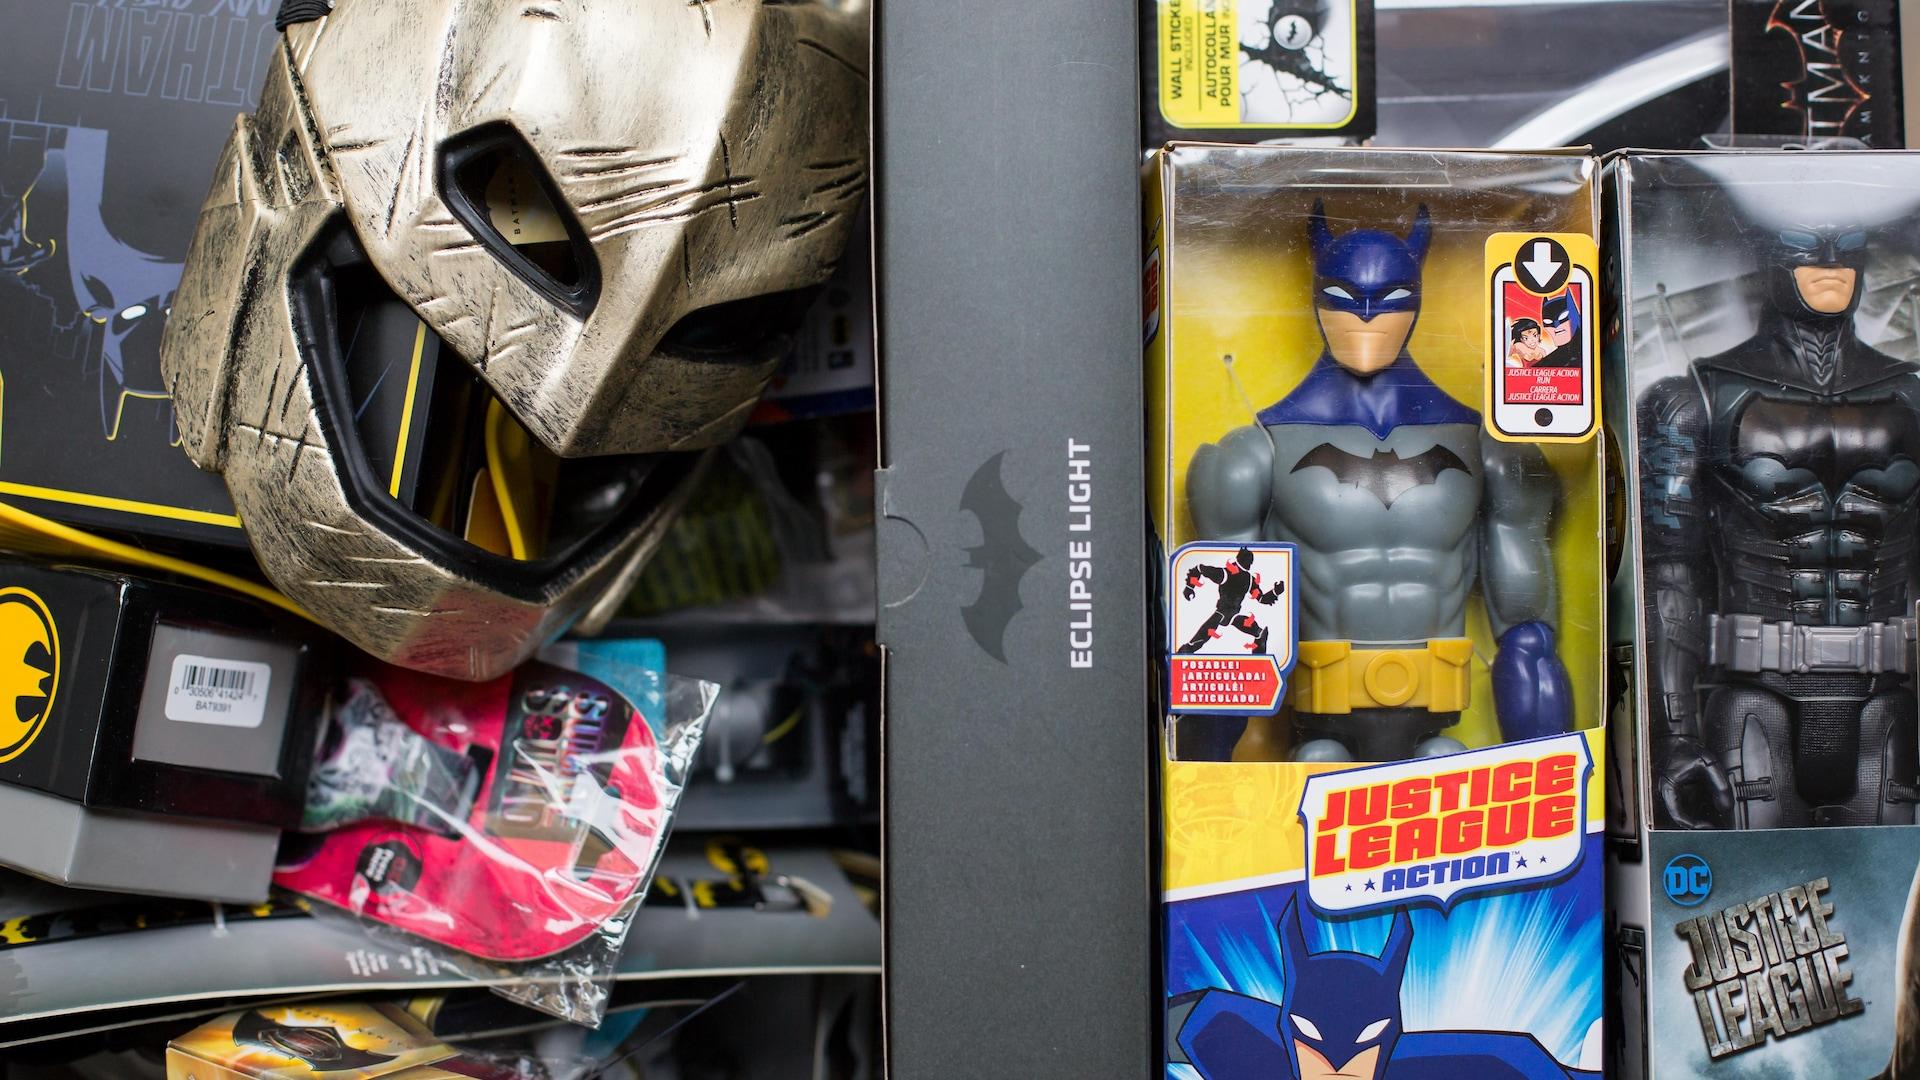 Dans une boîte sont rassemblés un masque, des figurines et d'autres objets divers.